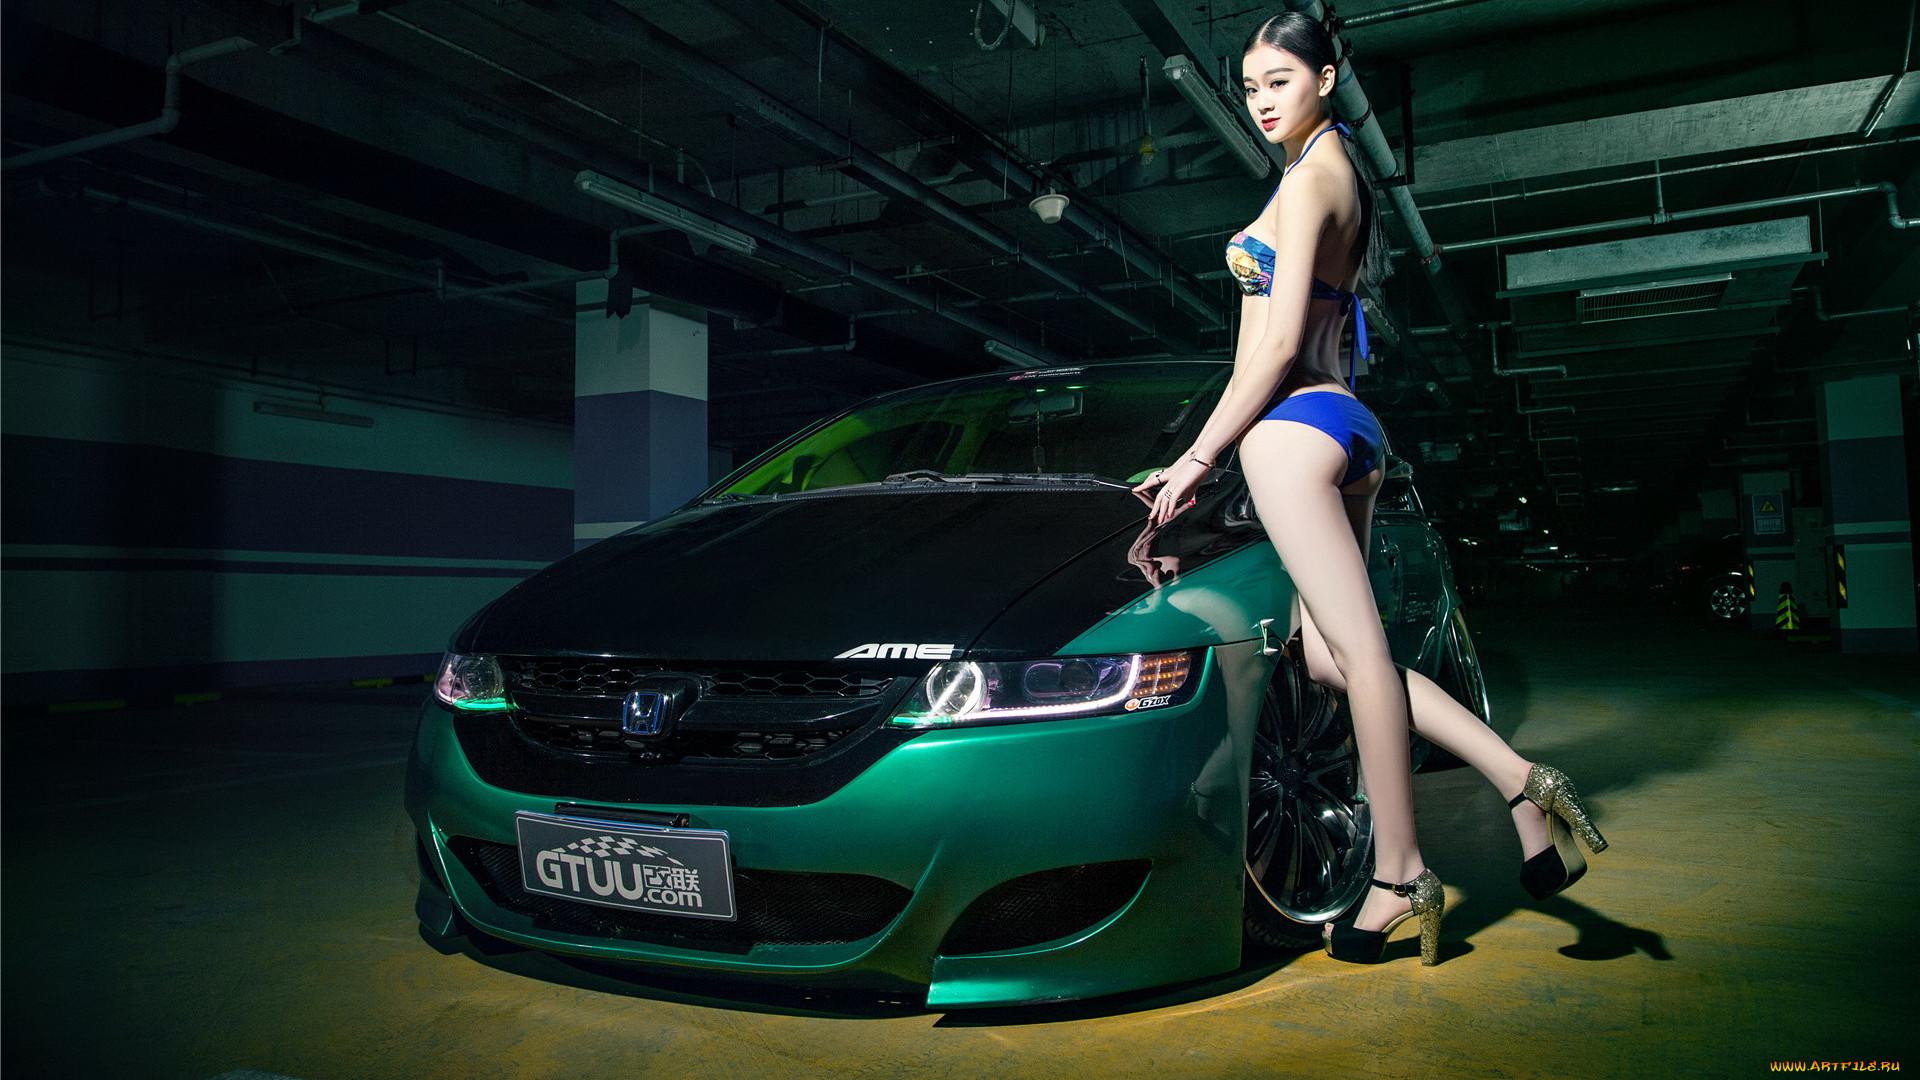 Фото автомобилей хонда с девушками